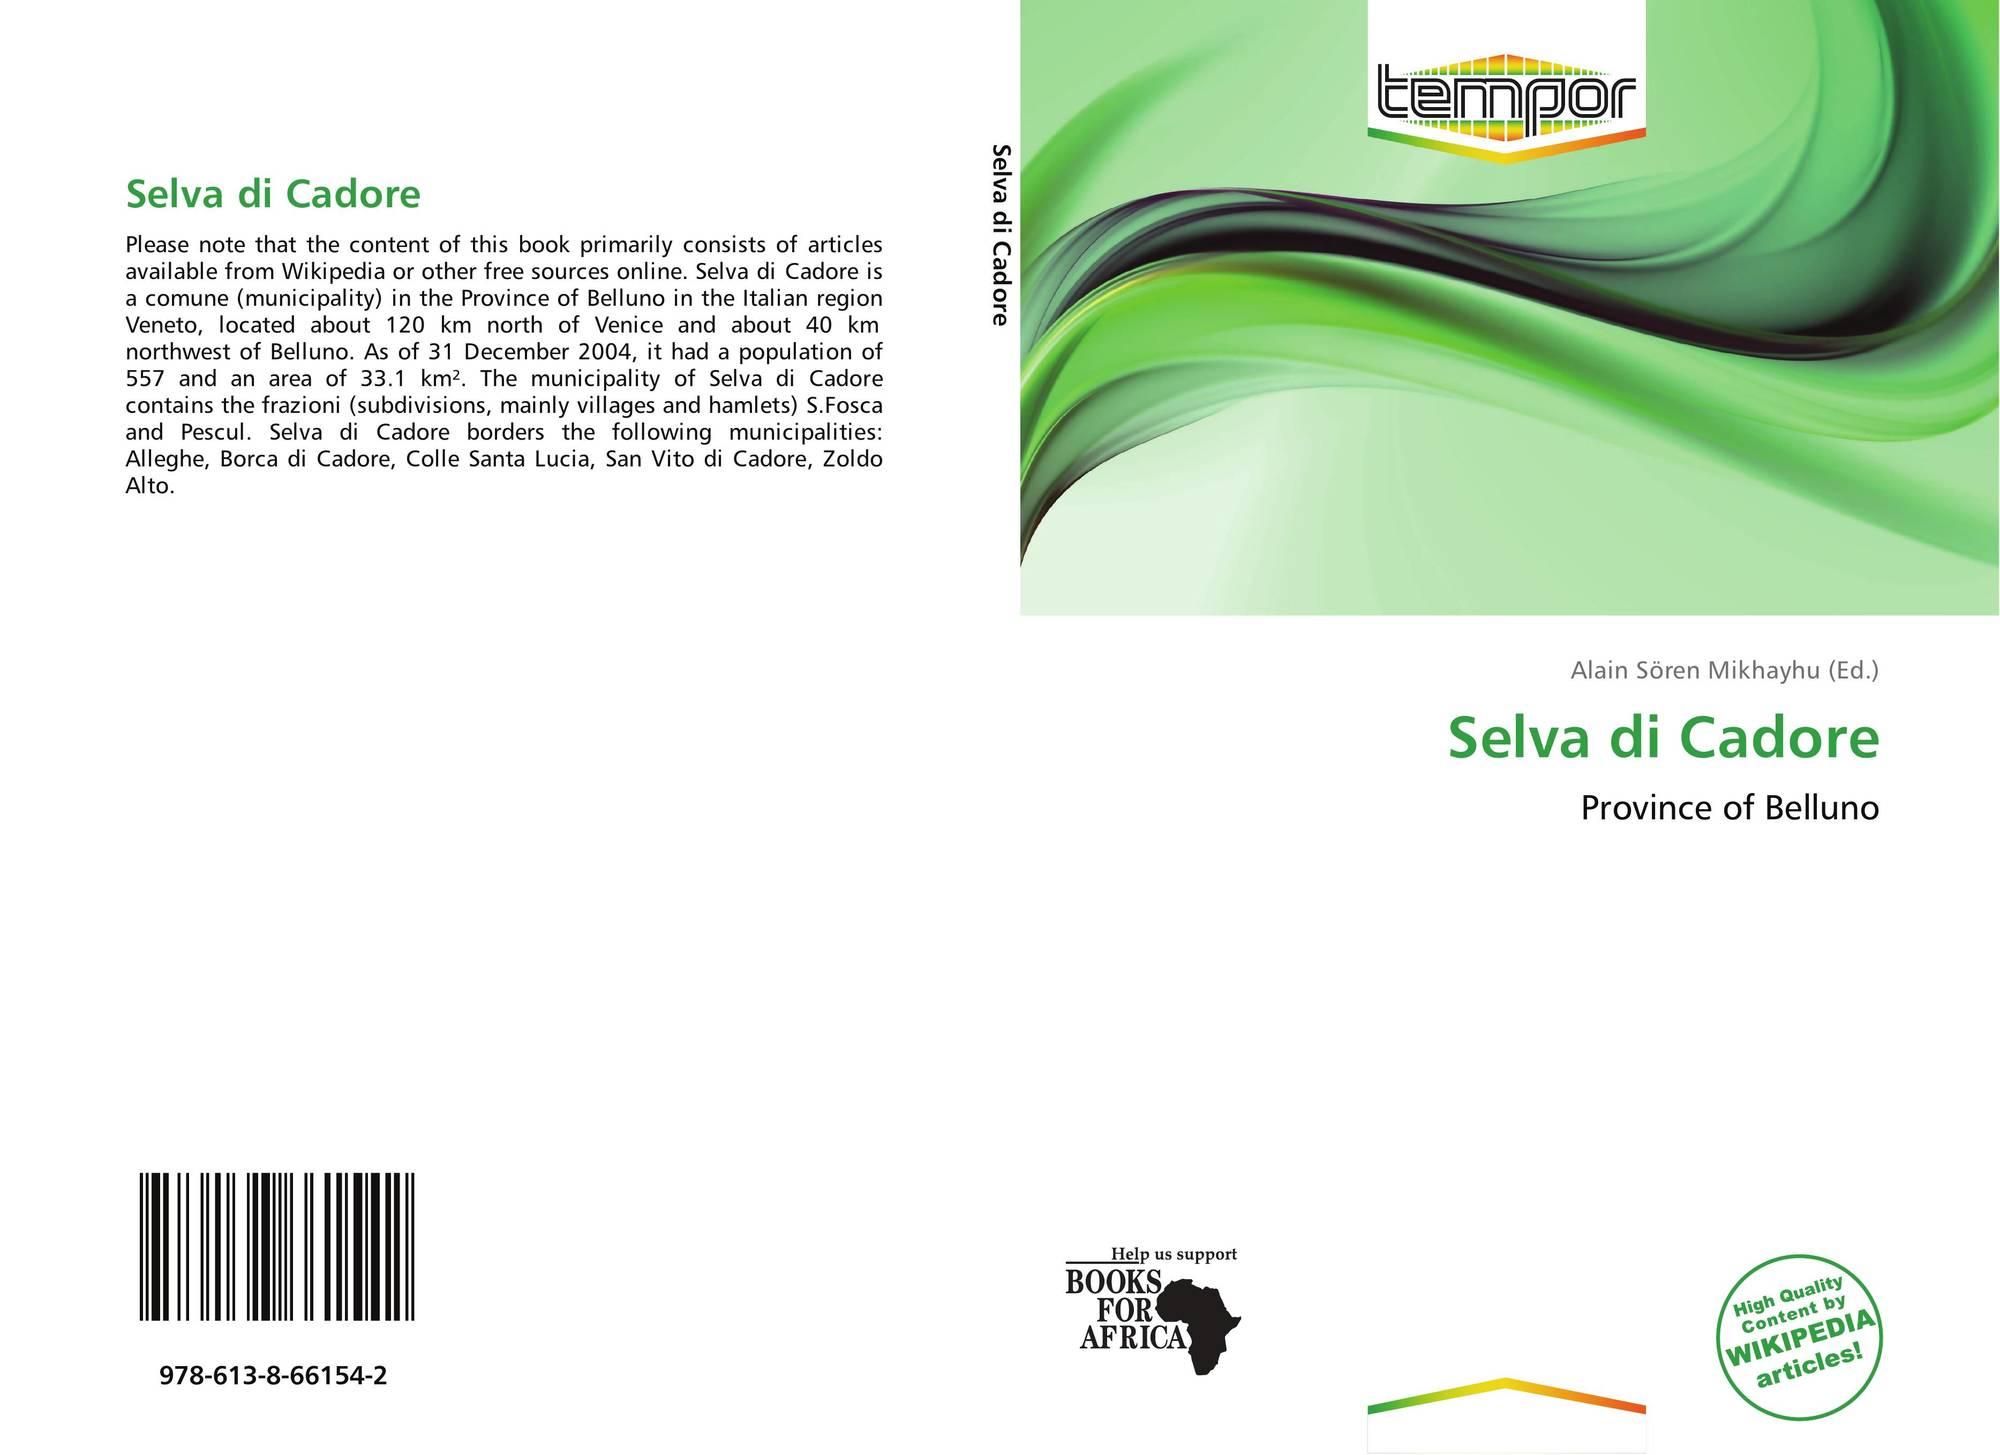 Borca Di Cadore Comune selva di cadore, 978-613-8-66154-2, 6138661540 ,9786138661542